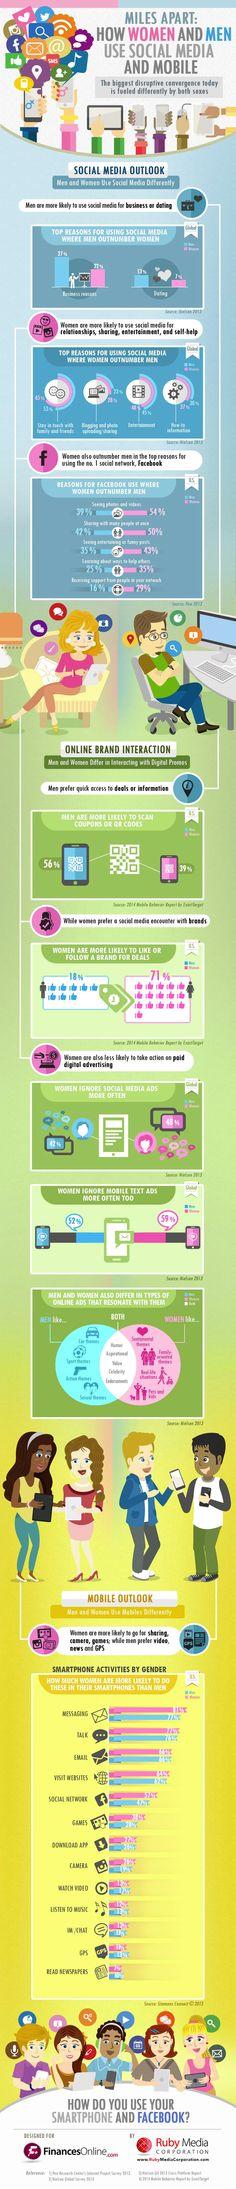 Hoe mannen en vrouwen sociale media gebruiken. De grote verschillen: